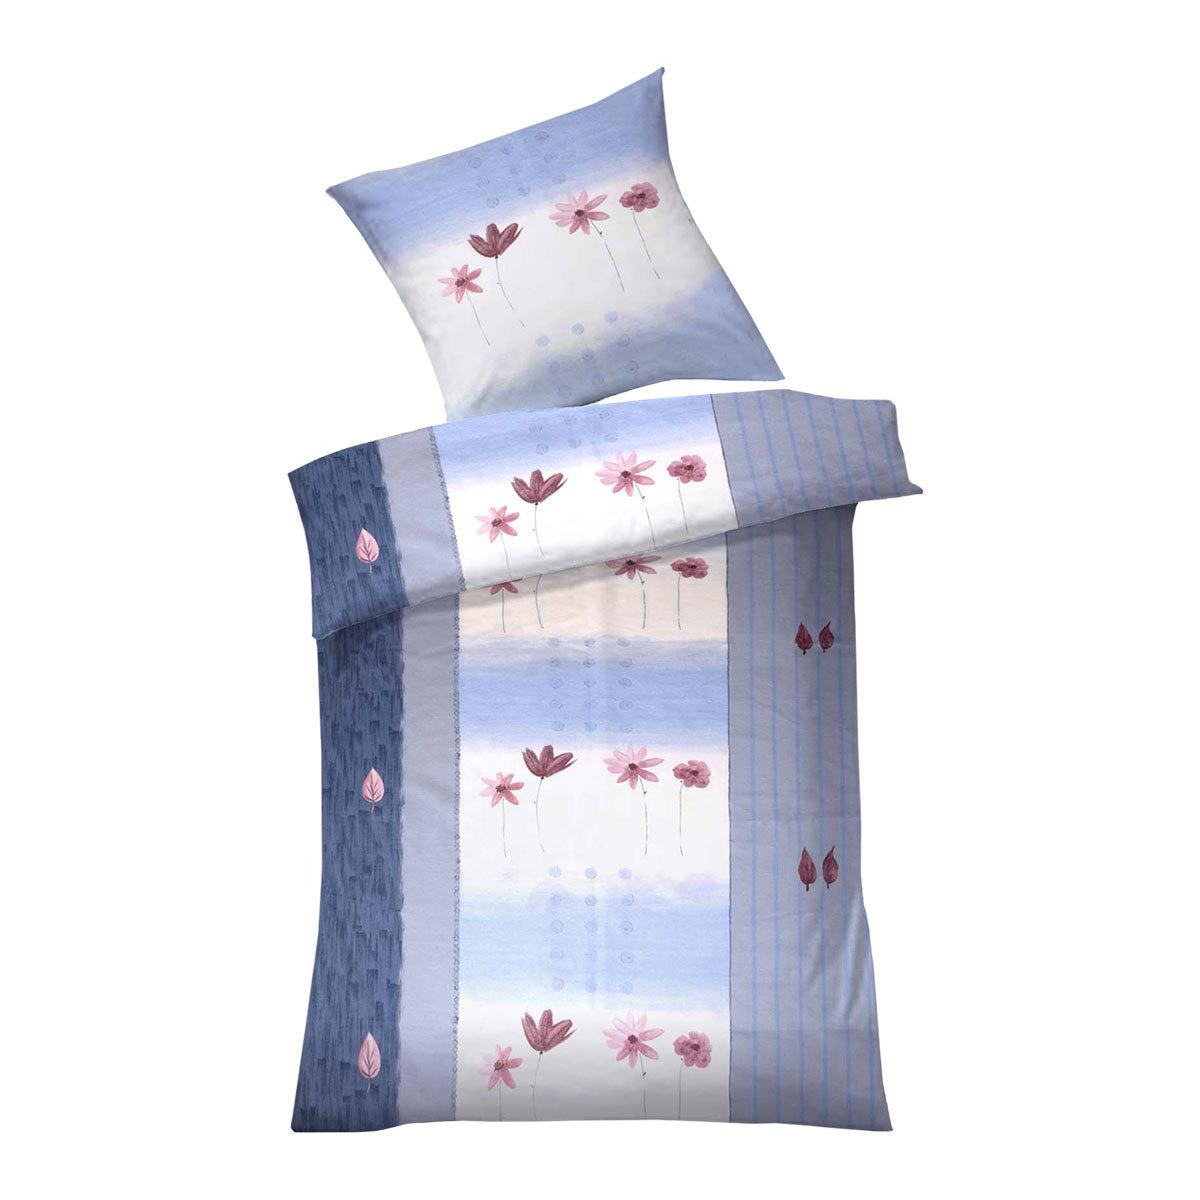 dyckhoff weichfrottier bettw sche annabell blau g nstig online kaufen bei bettwaren shop. Black Bedroom Furniture Sets. Home Design Ideas